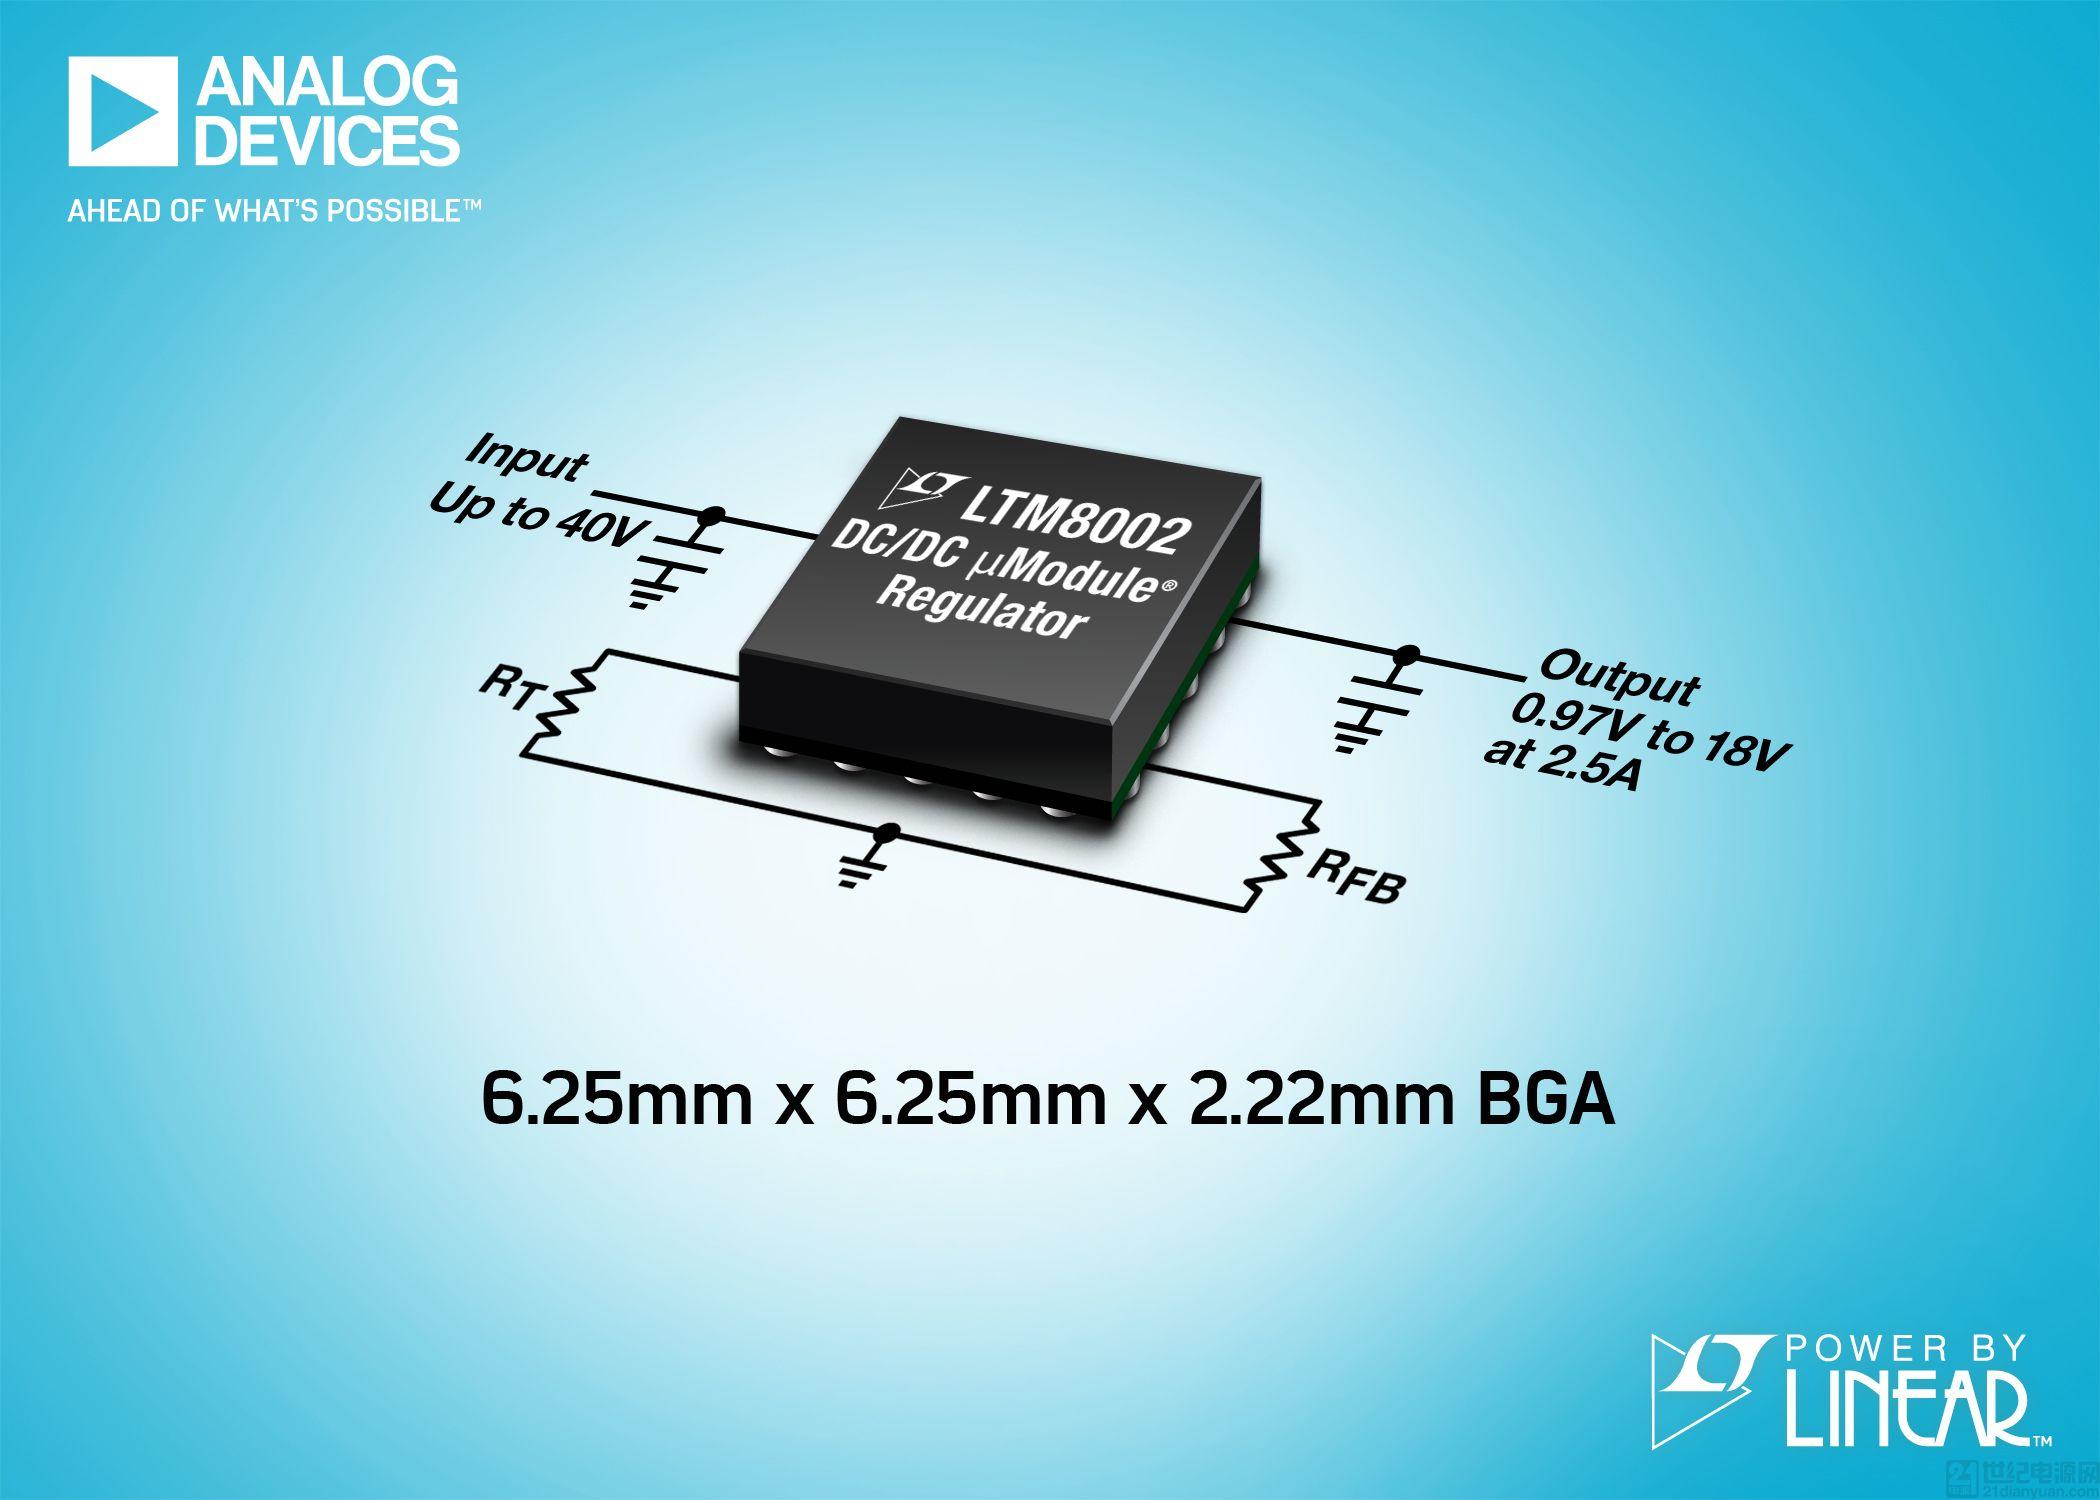 工作温度为 150°C且引脚布局符合 FMEA 要求的40V、2.5A µModule 稳压器 (6.25mm x 6.25mm BGA 封装)